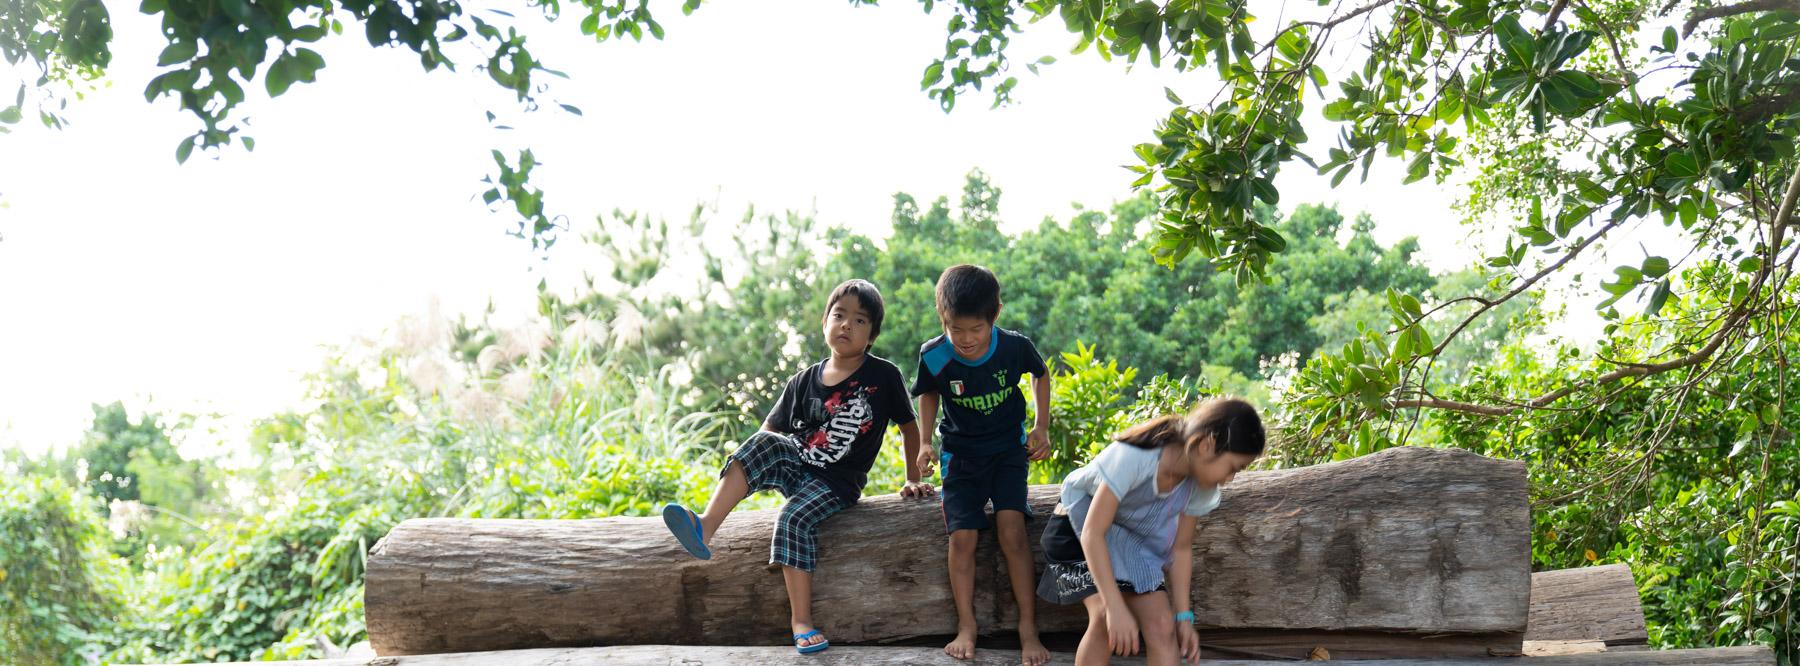 【エコ活体験隊】みて、さわって、宮古島の木を知ろう!